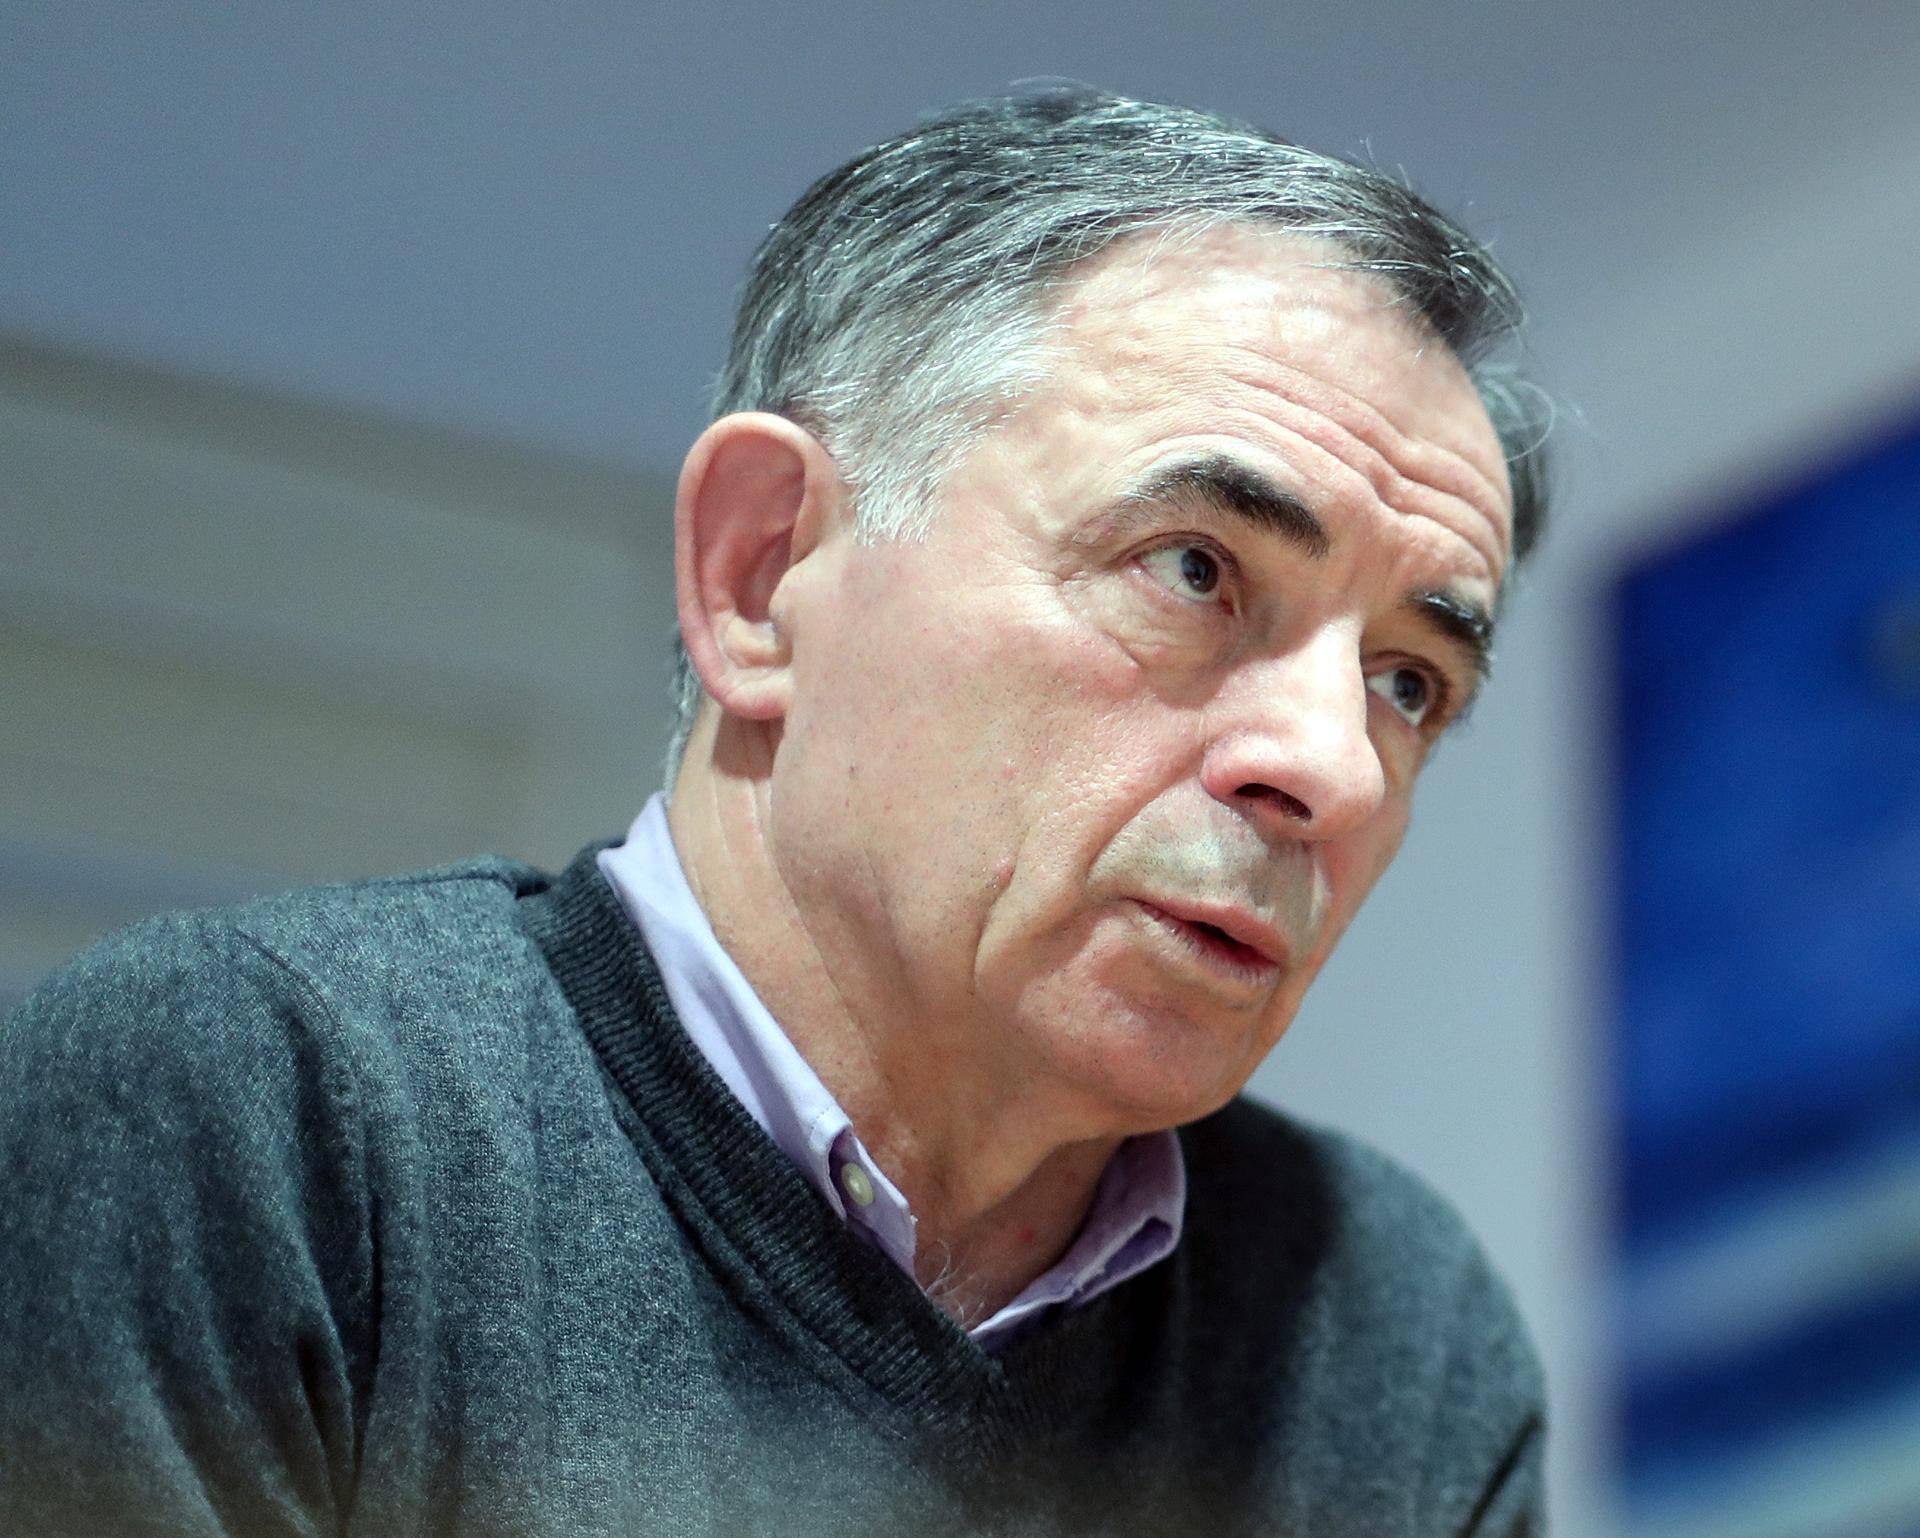 'Dvojezične ploče stvar su ovog društva, a ne samo Vukovara'